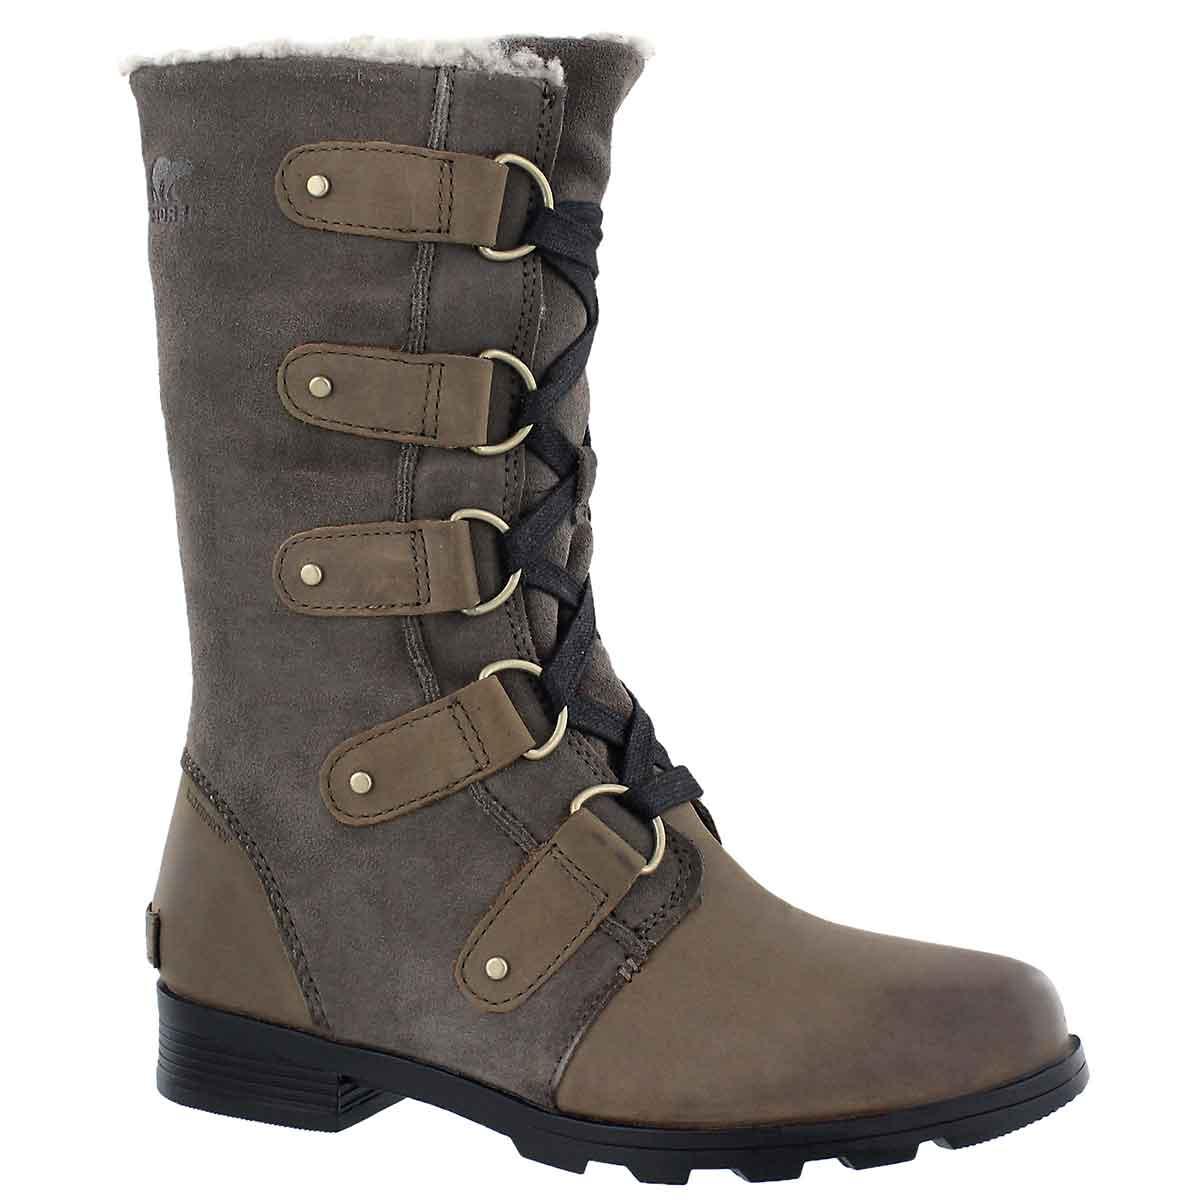 Women's EMELIE LACE major/black waterproof boots